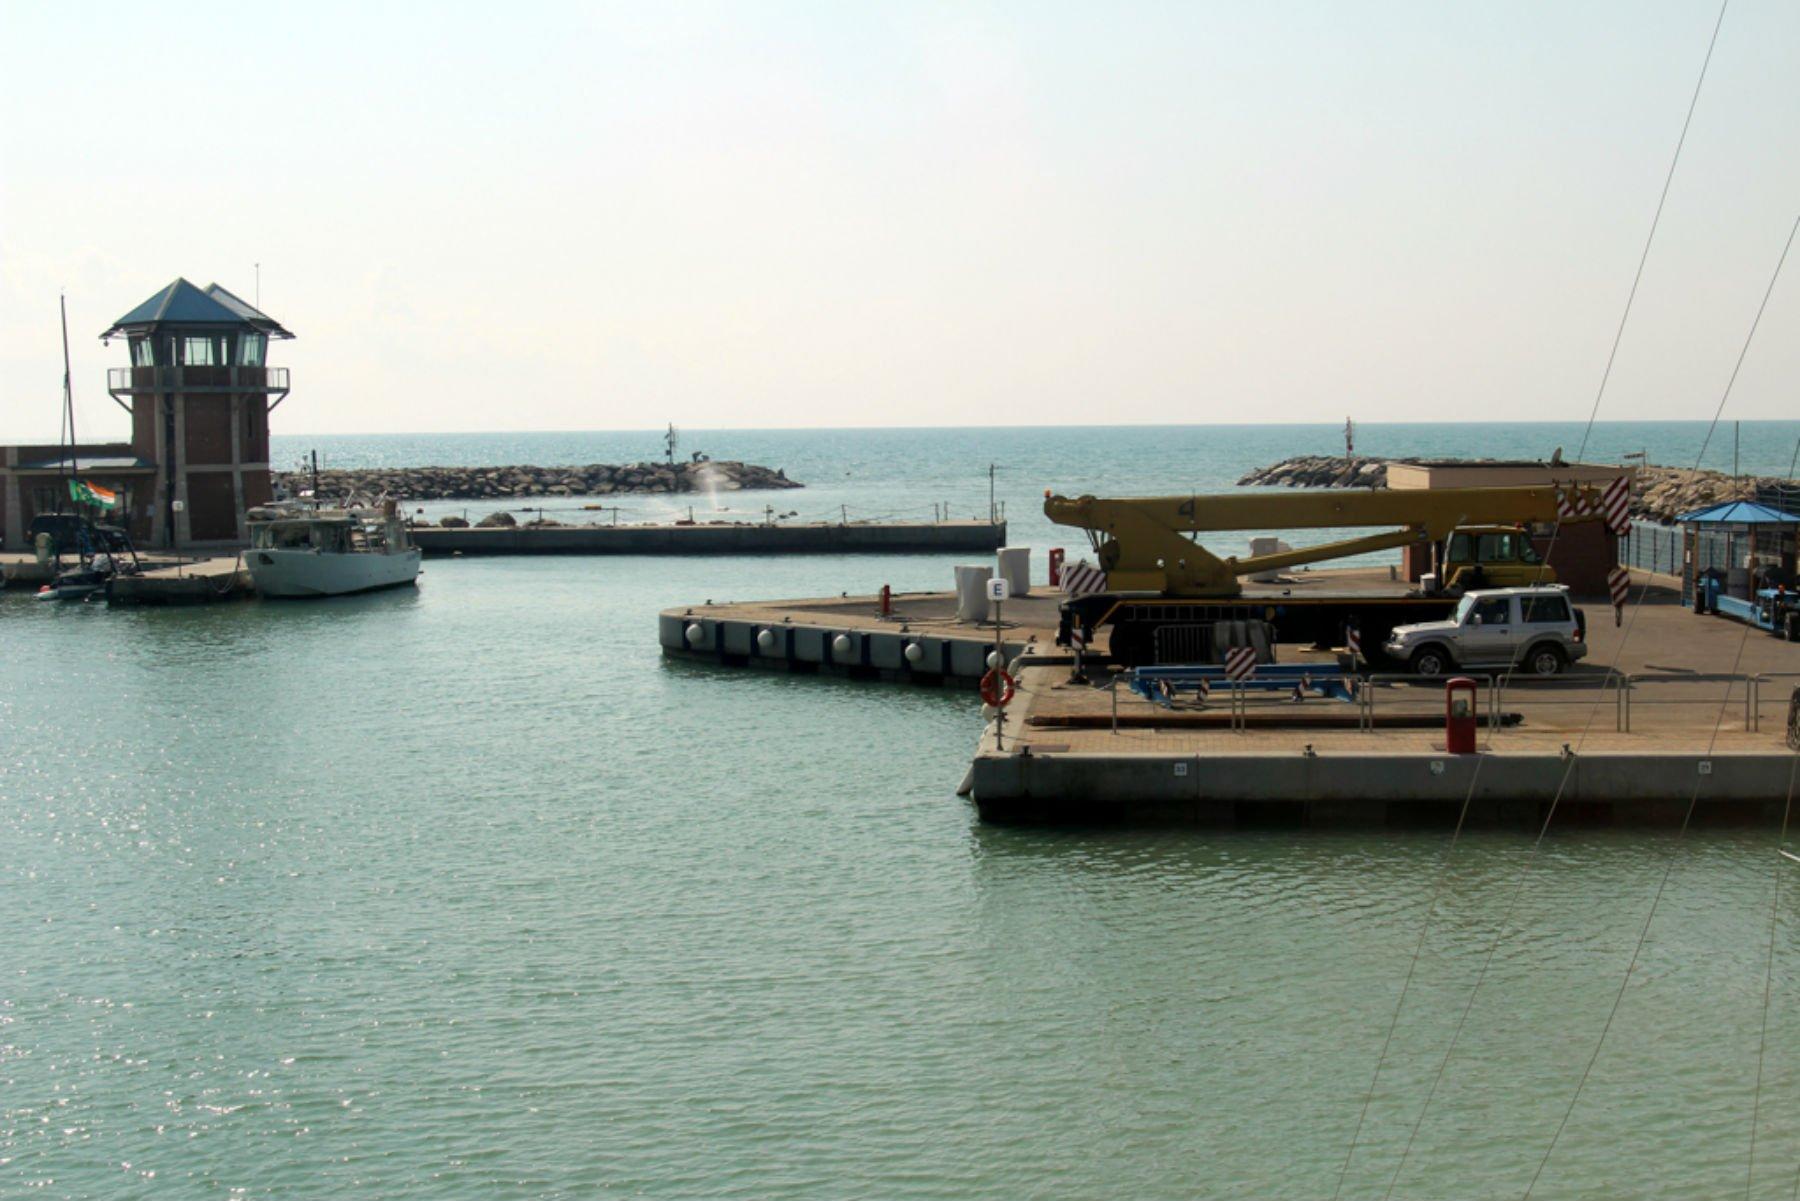 una piattaforma con un'autogru, una macchina e vista del mare e di un faro